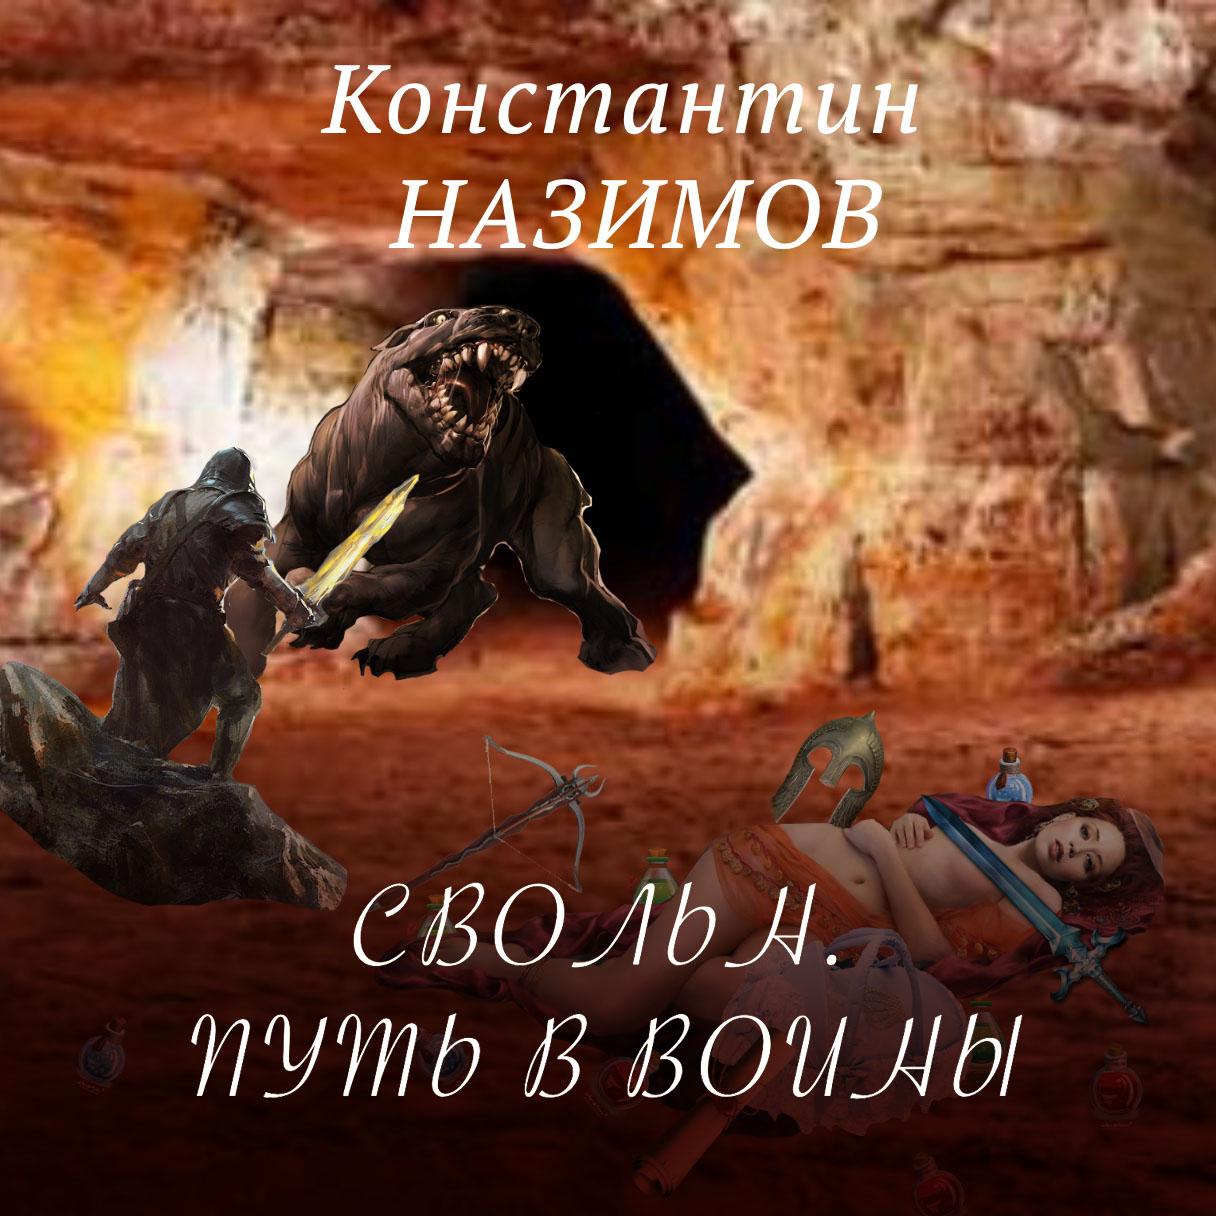 Свольн. Путь в воины